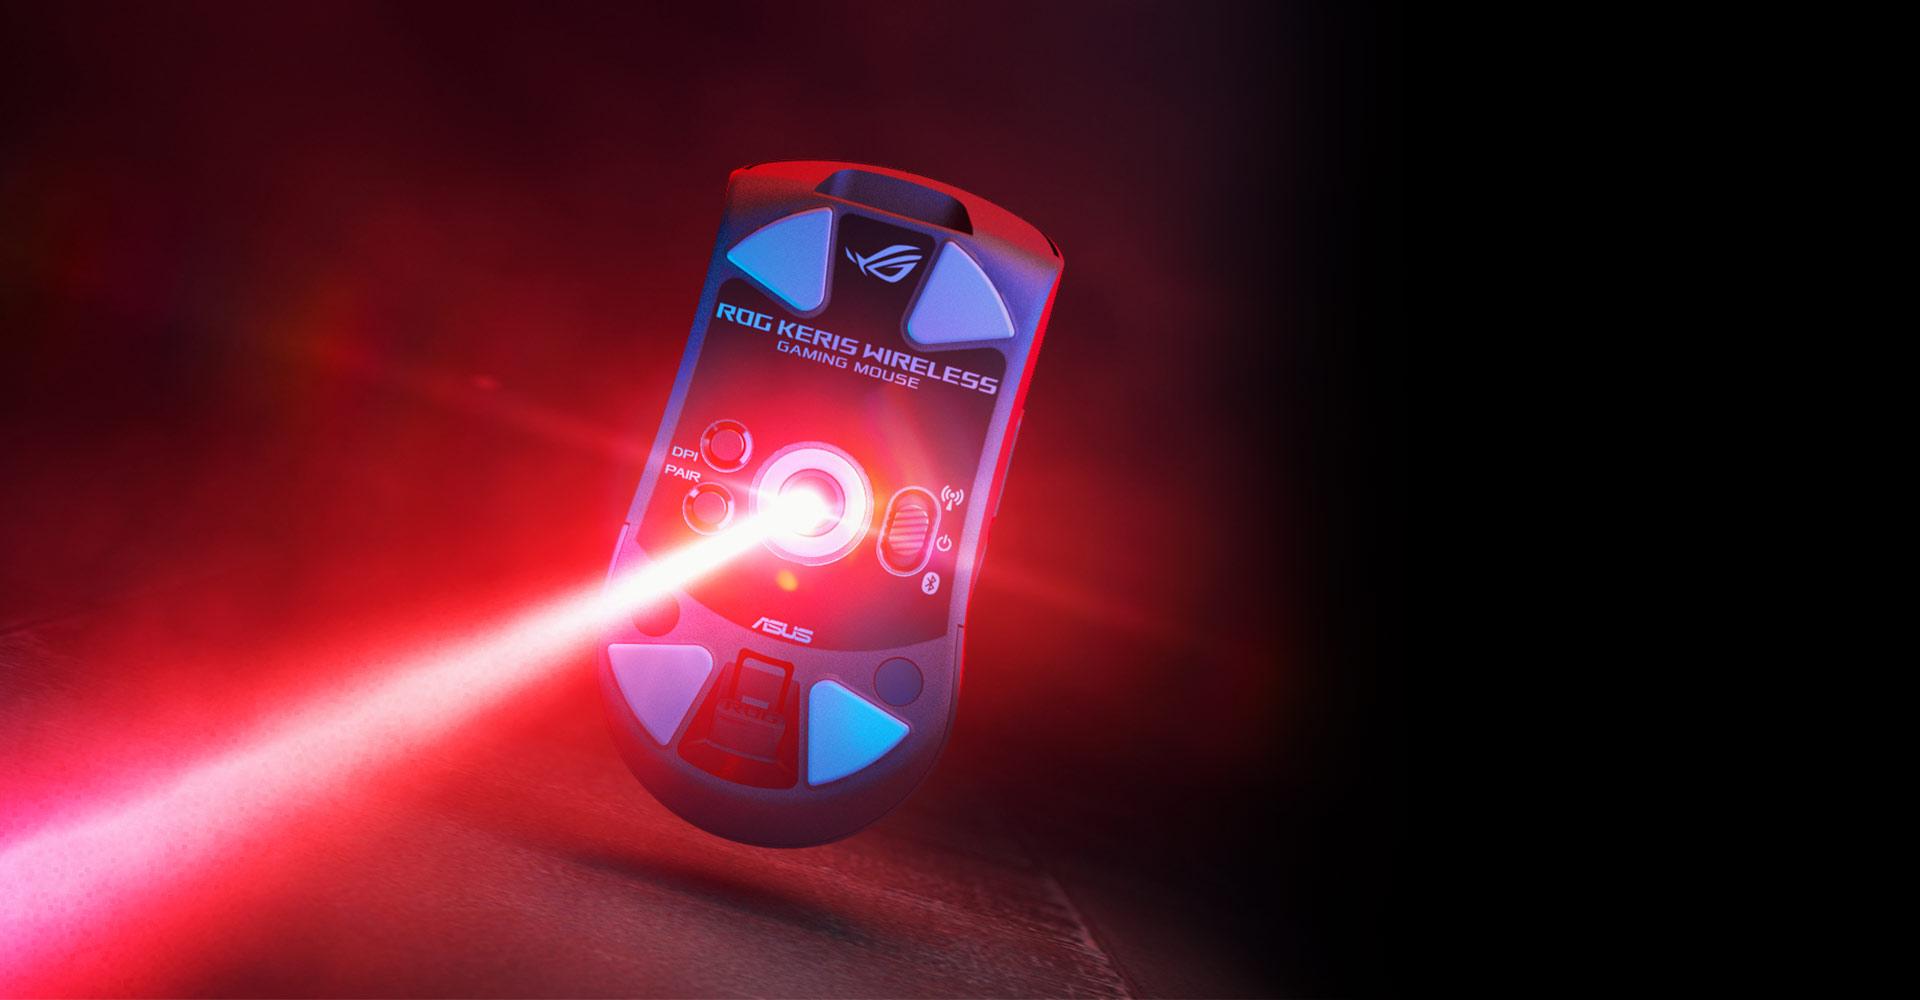 Chuột không dây Asus ROG Keris (USB/RGB/màu đen) trang bị mắt đọc cao cấp có độ chính xác cao